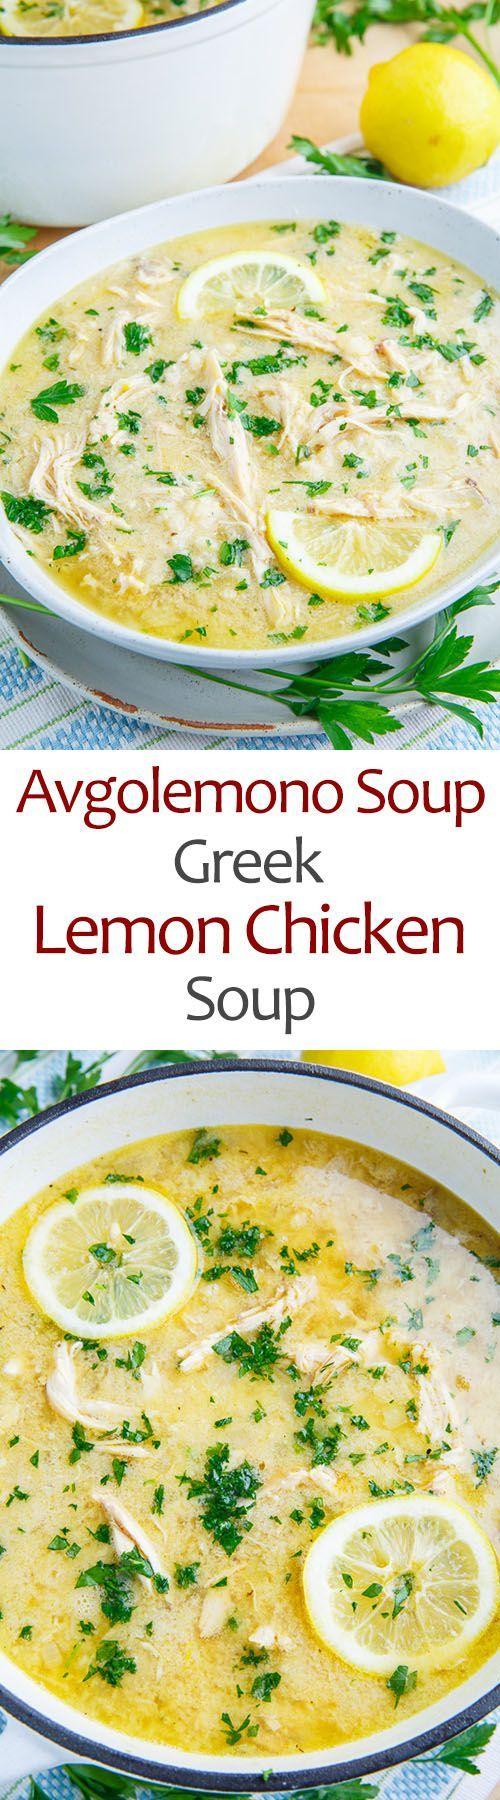 Avgolemono Soup (aka Greek Lemon Chicken Soup)